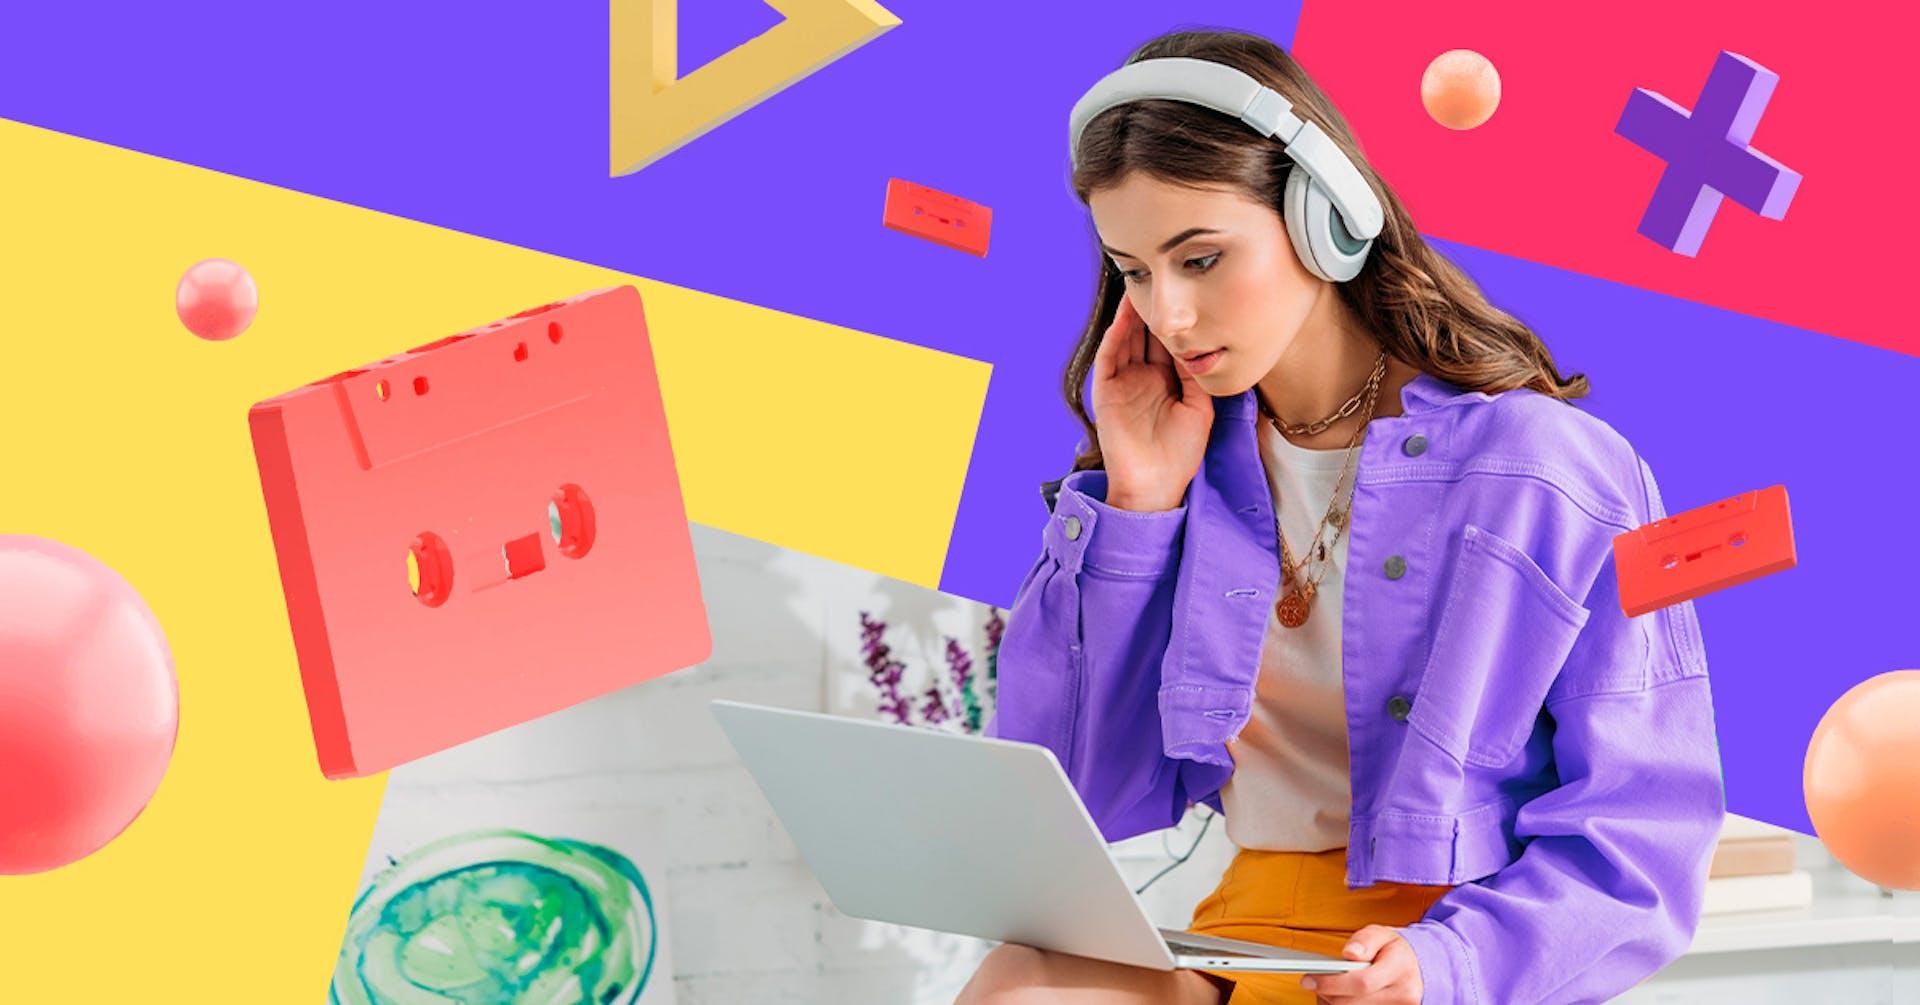 Trabalhar com música é produtivo? Você pode tentar ouvir esses 5 álbuns